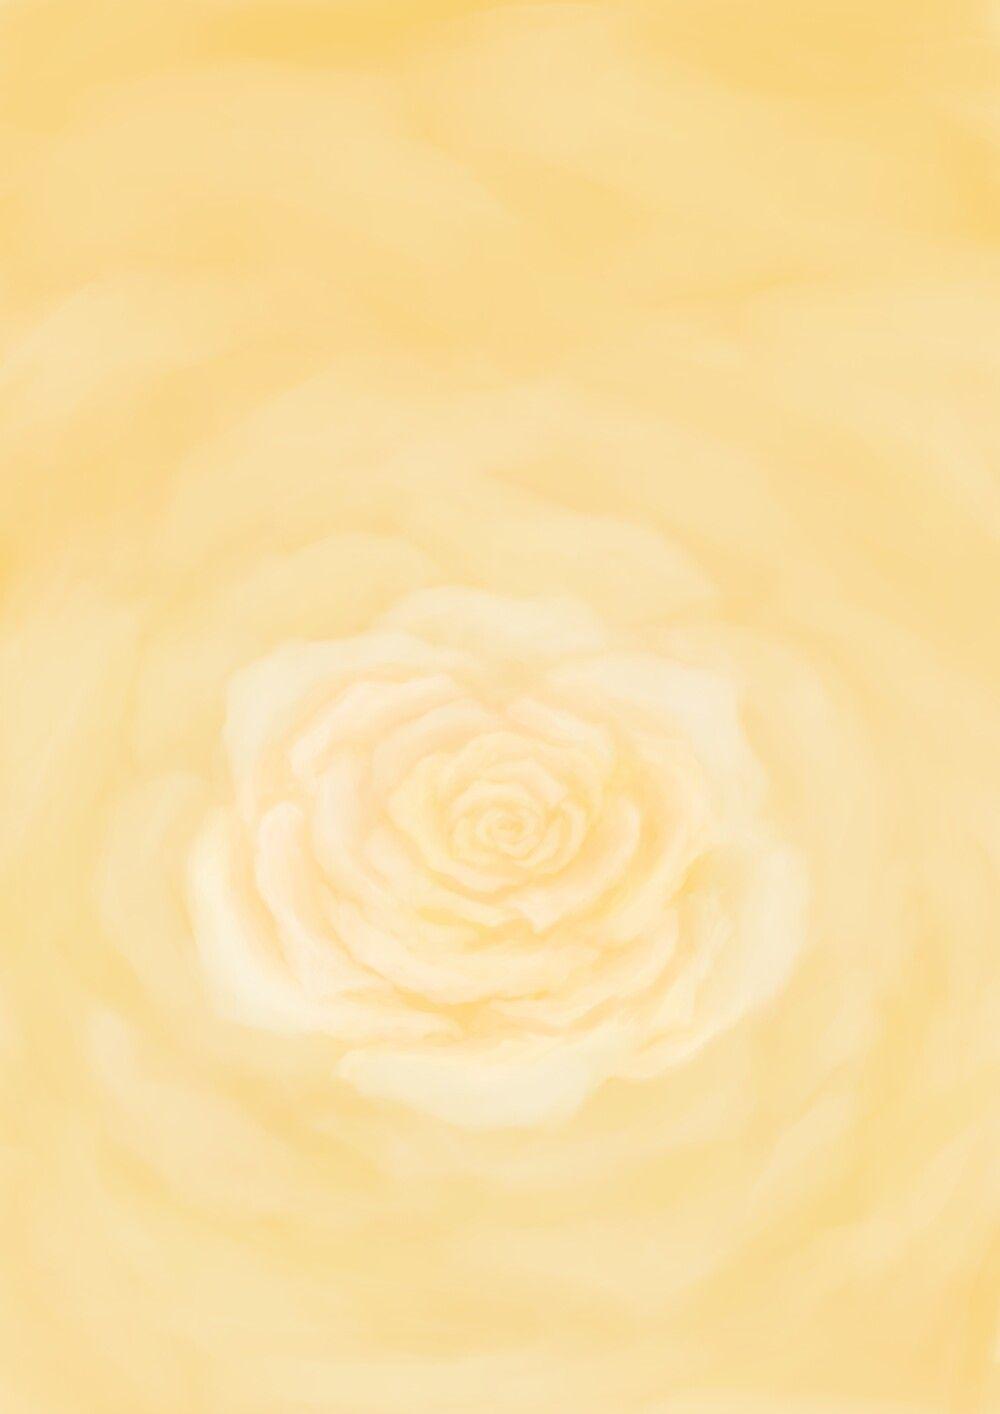 خلفية صفراء وردة الجوري Art Stuff To Buy